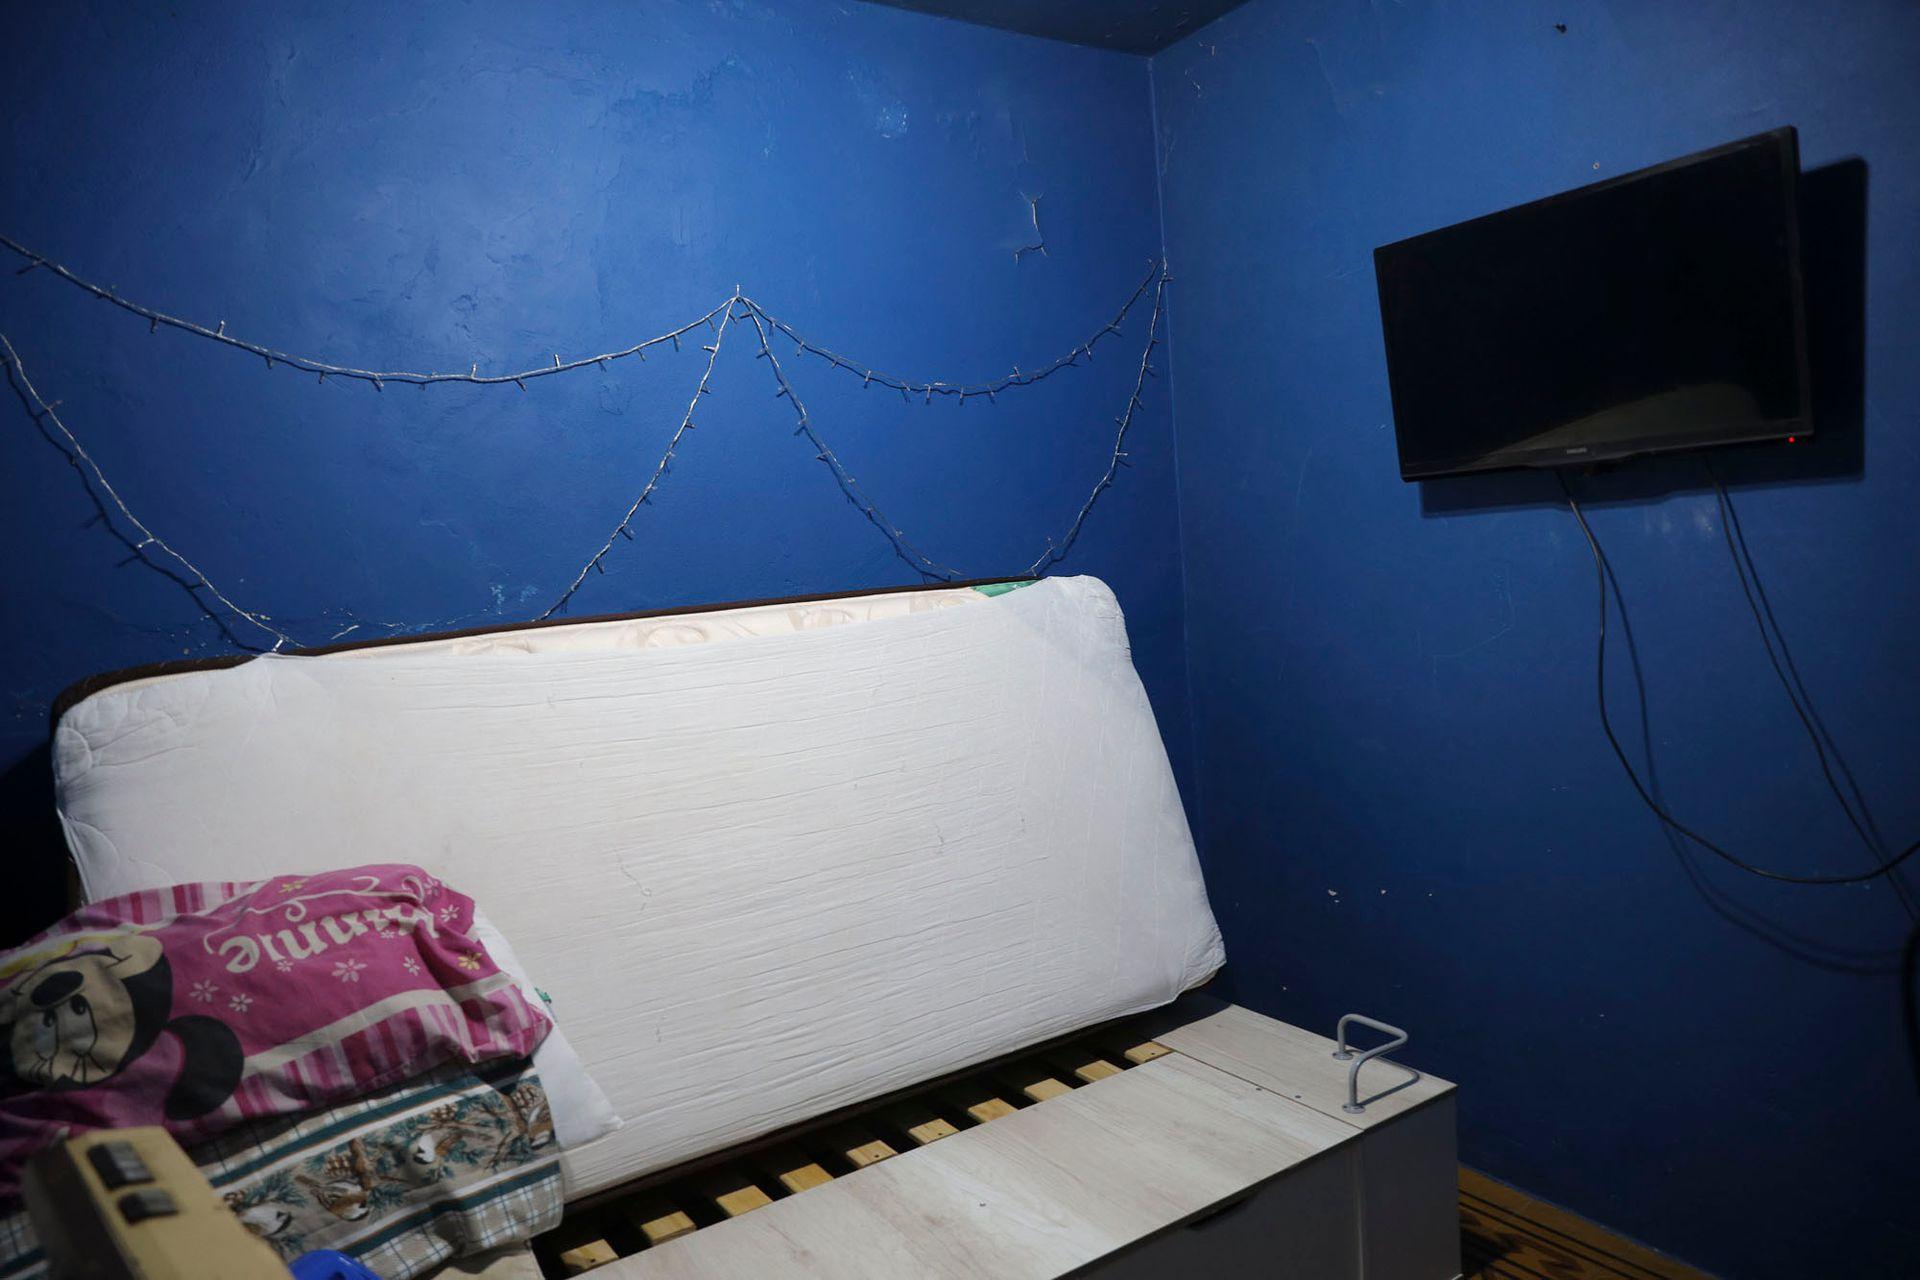 Las paredes azules, como estaban pintadas en los tiempos en los que allí vivía Mariano Mores